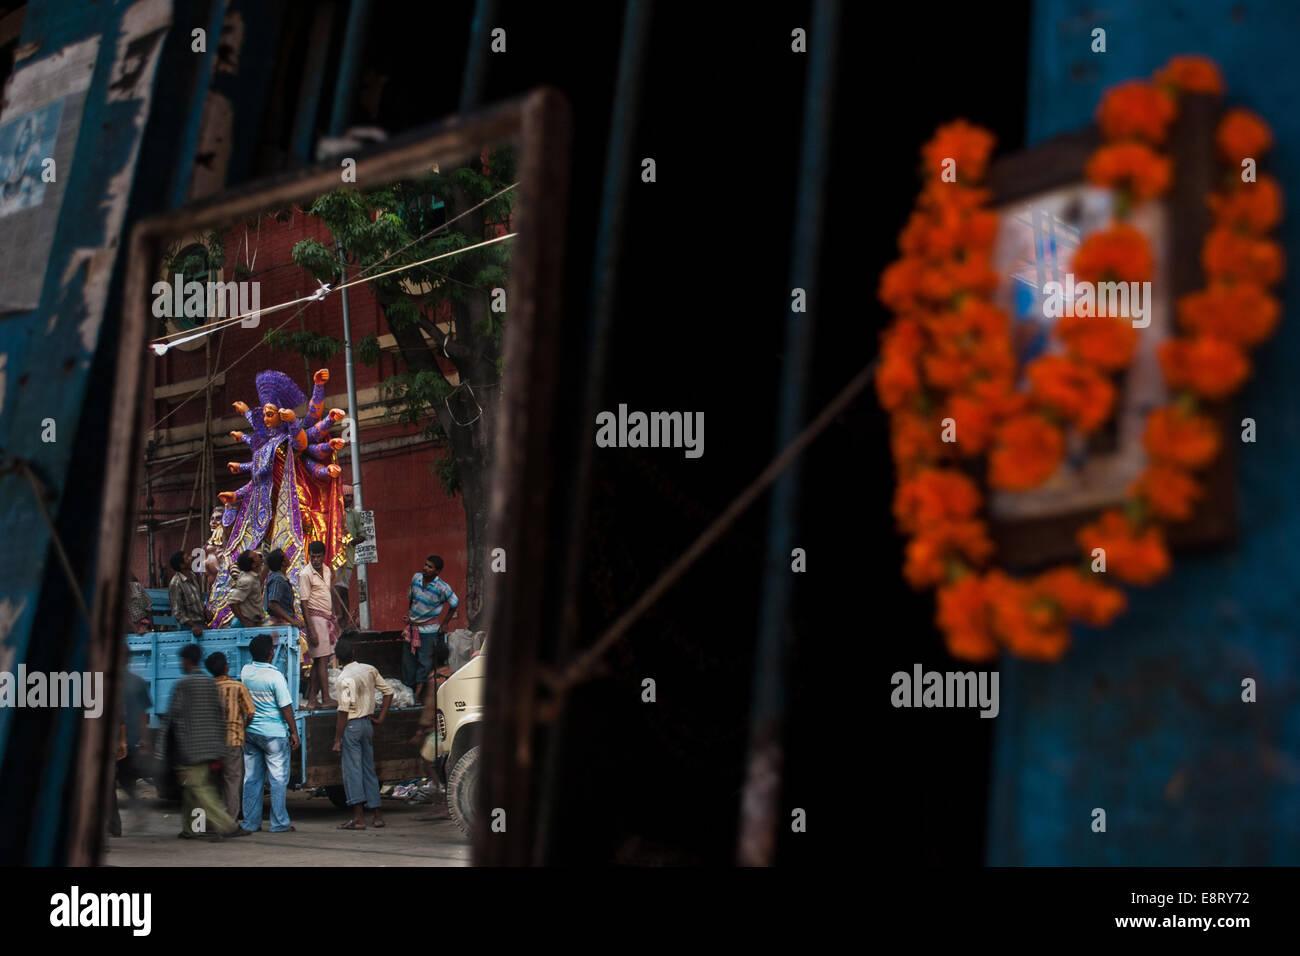 Hindu-Göttin Durga ist darüber nachzudenken, einen Spiegel, Kolkata, Westbengalen, Indien Stockbild